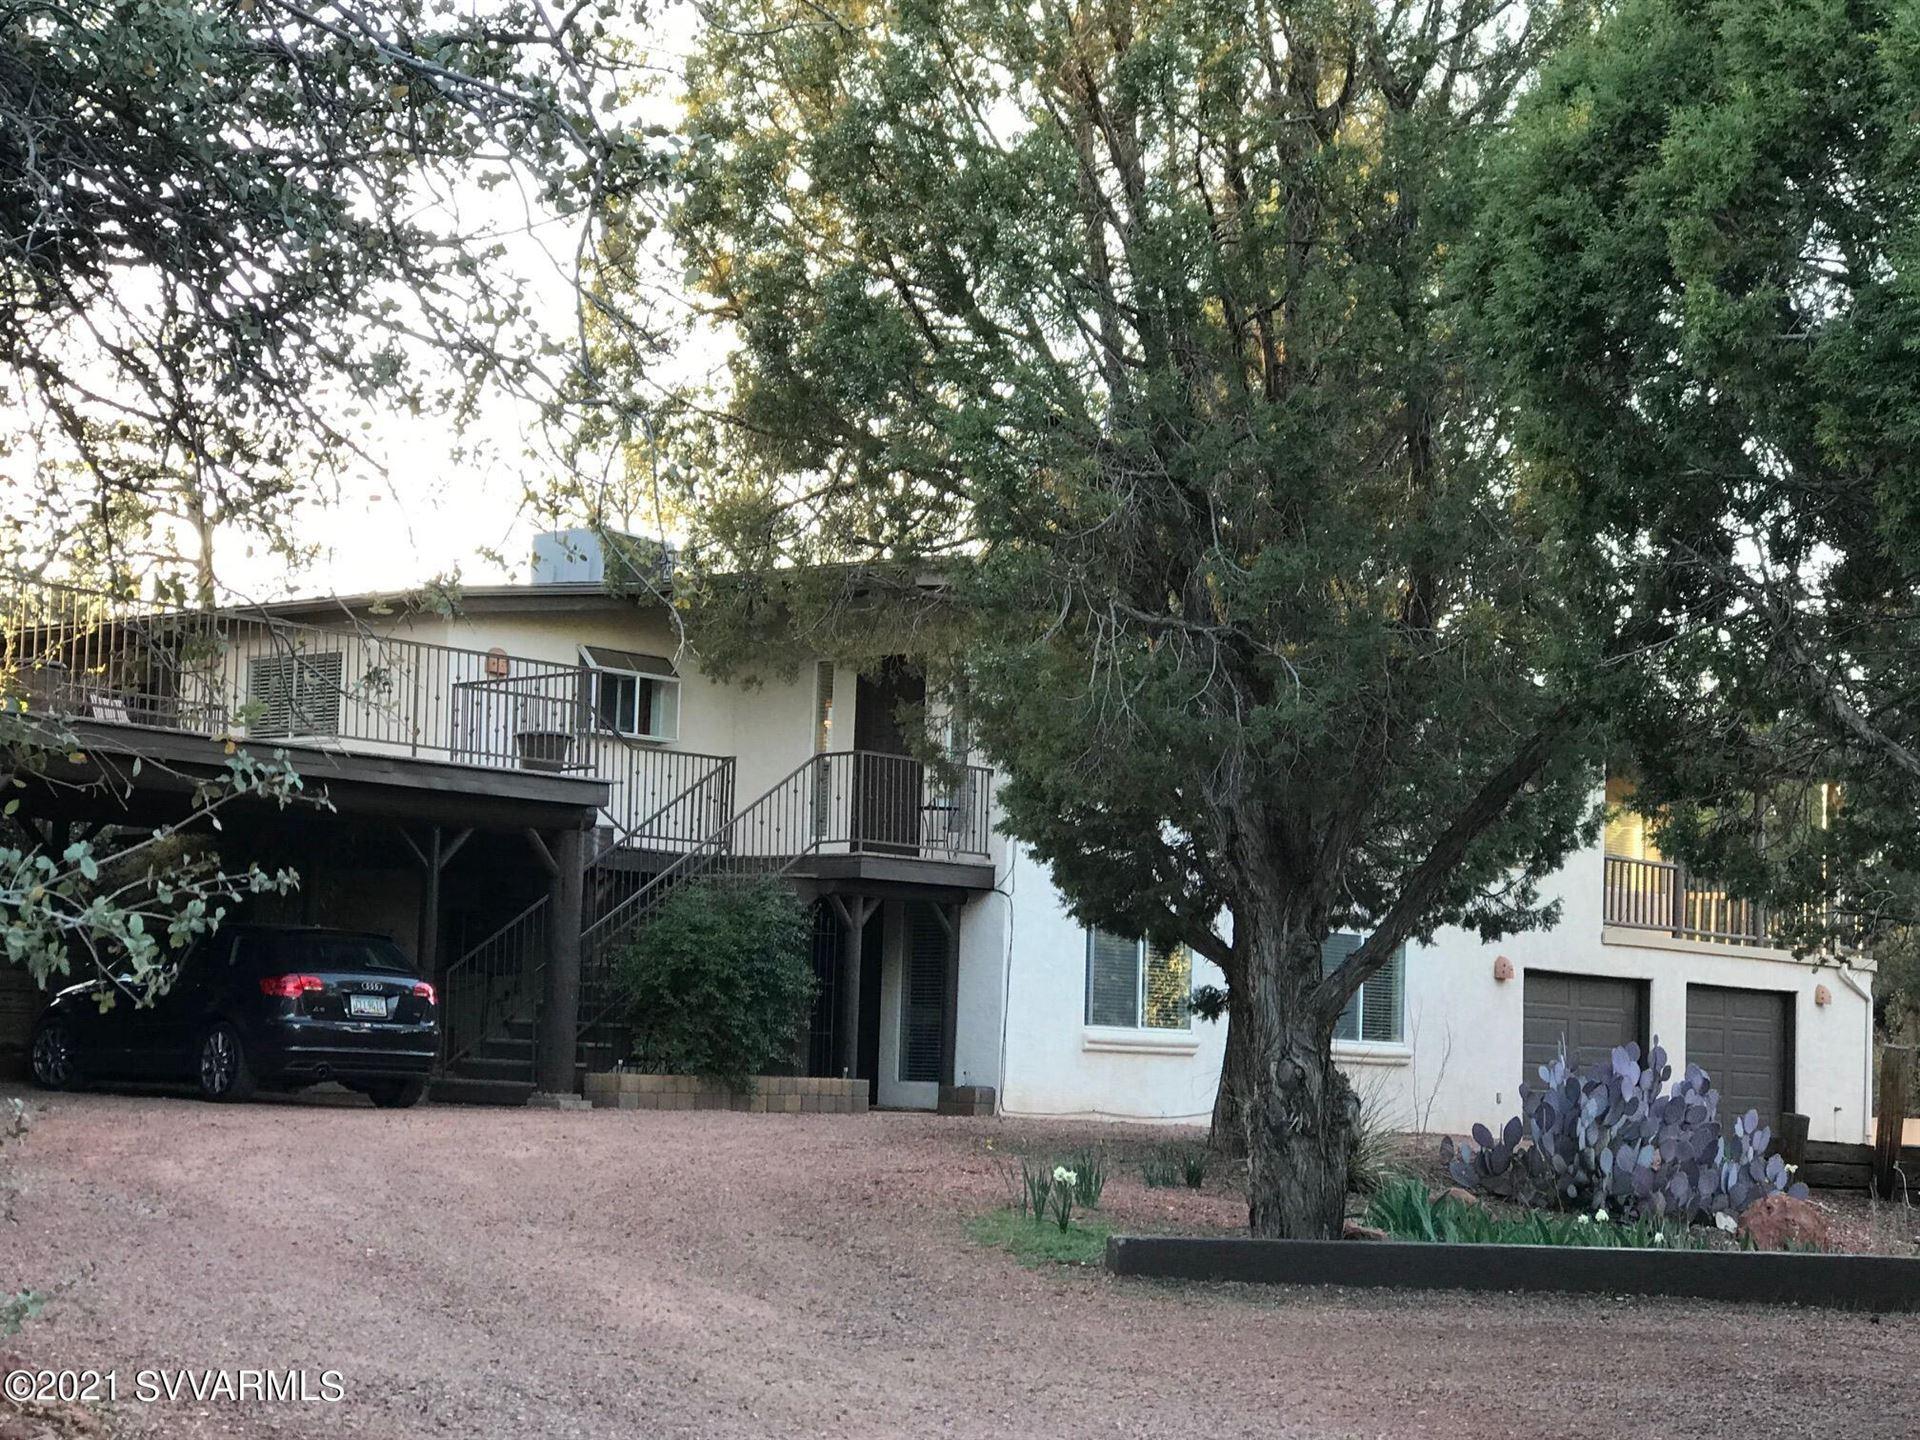 Photo of 25 Hillside Court, Sedona, AZ 86336 (MLS # 526054)